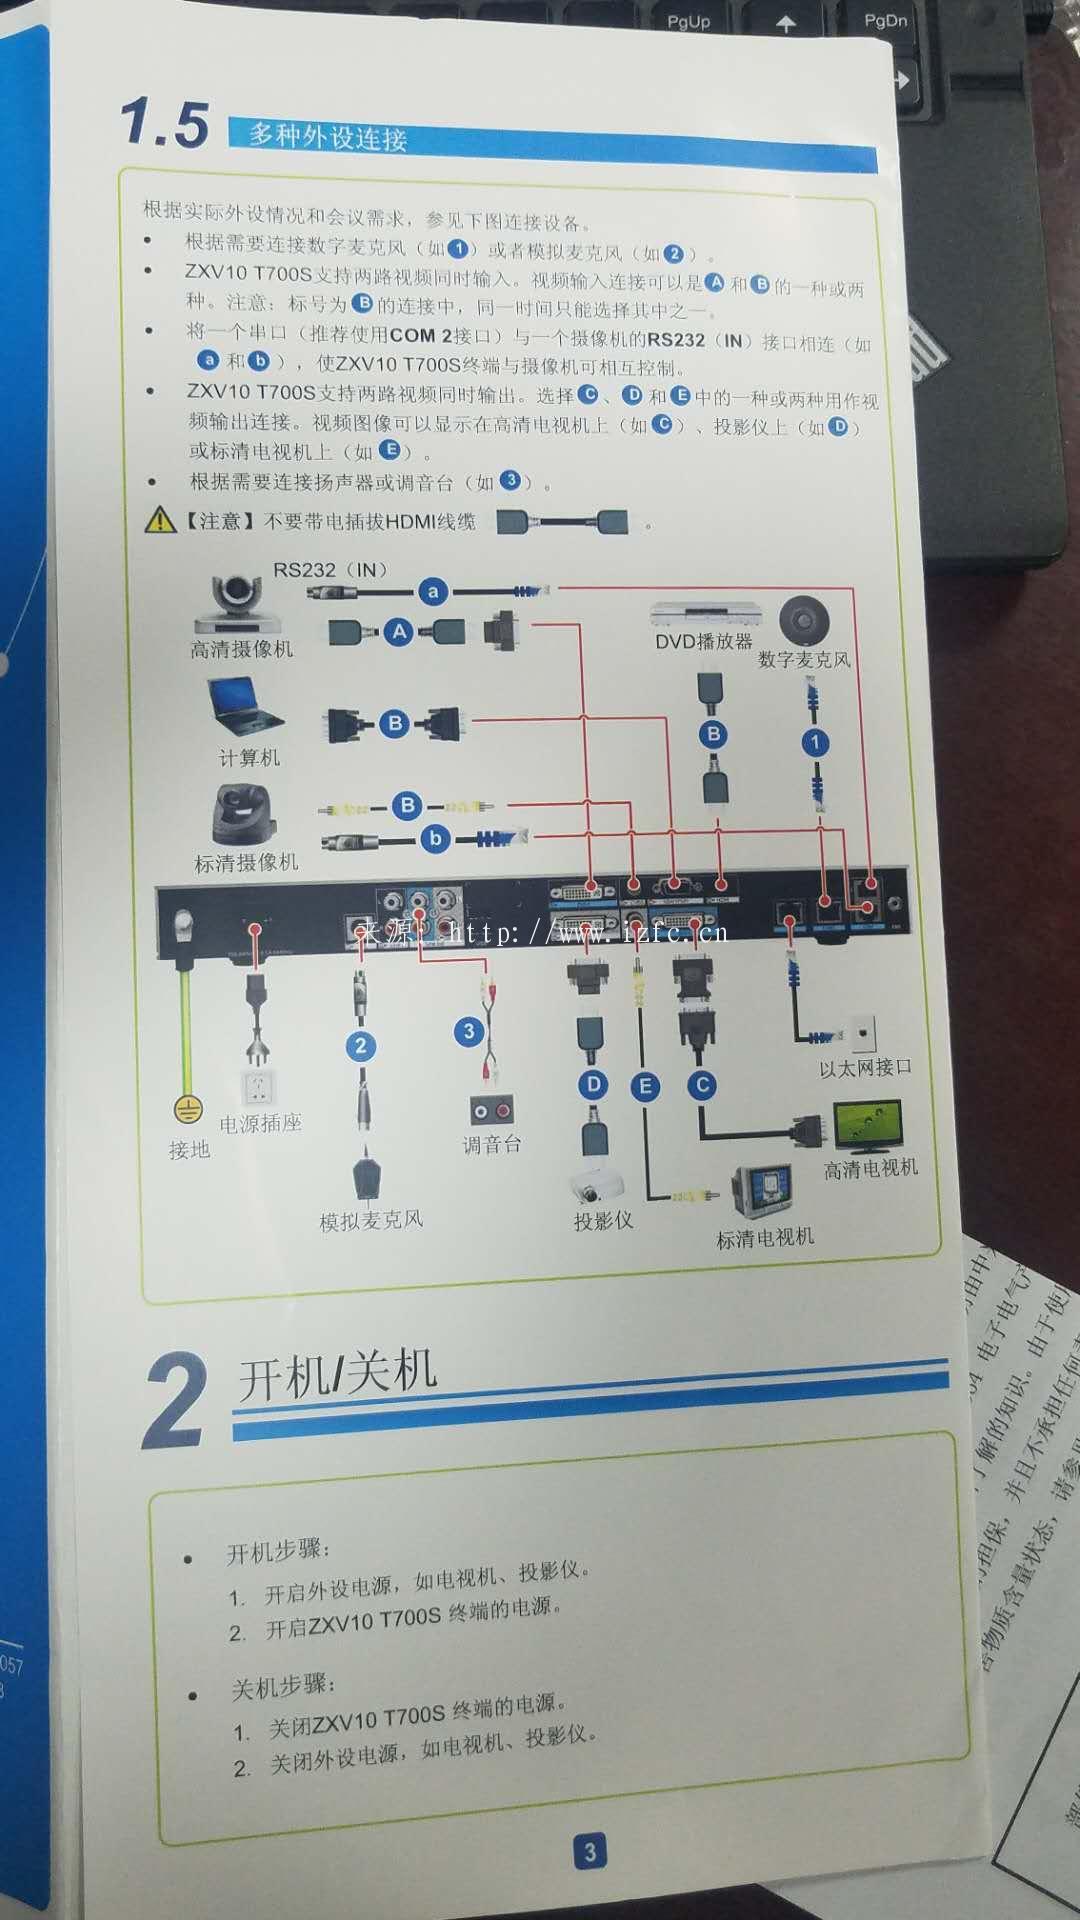 实战中兴ZXV10 T700S终端含T700S产品介绍、安装教程、竞品对比及故障解决 视频会议 第7张